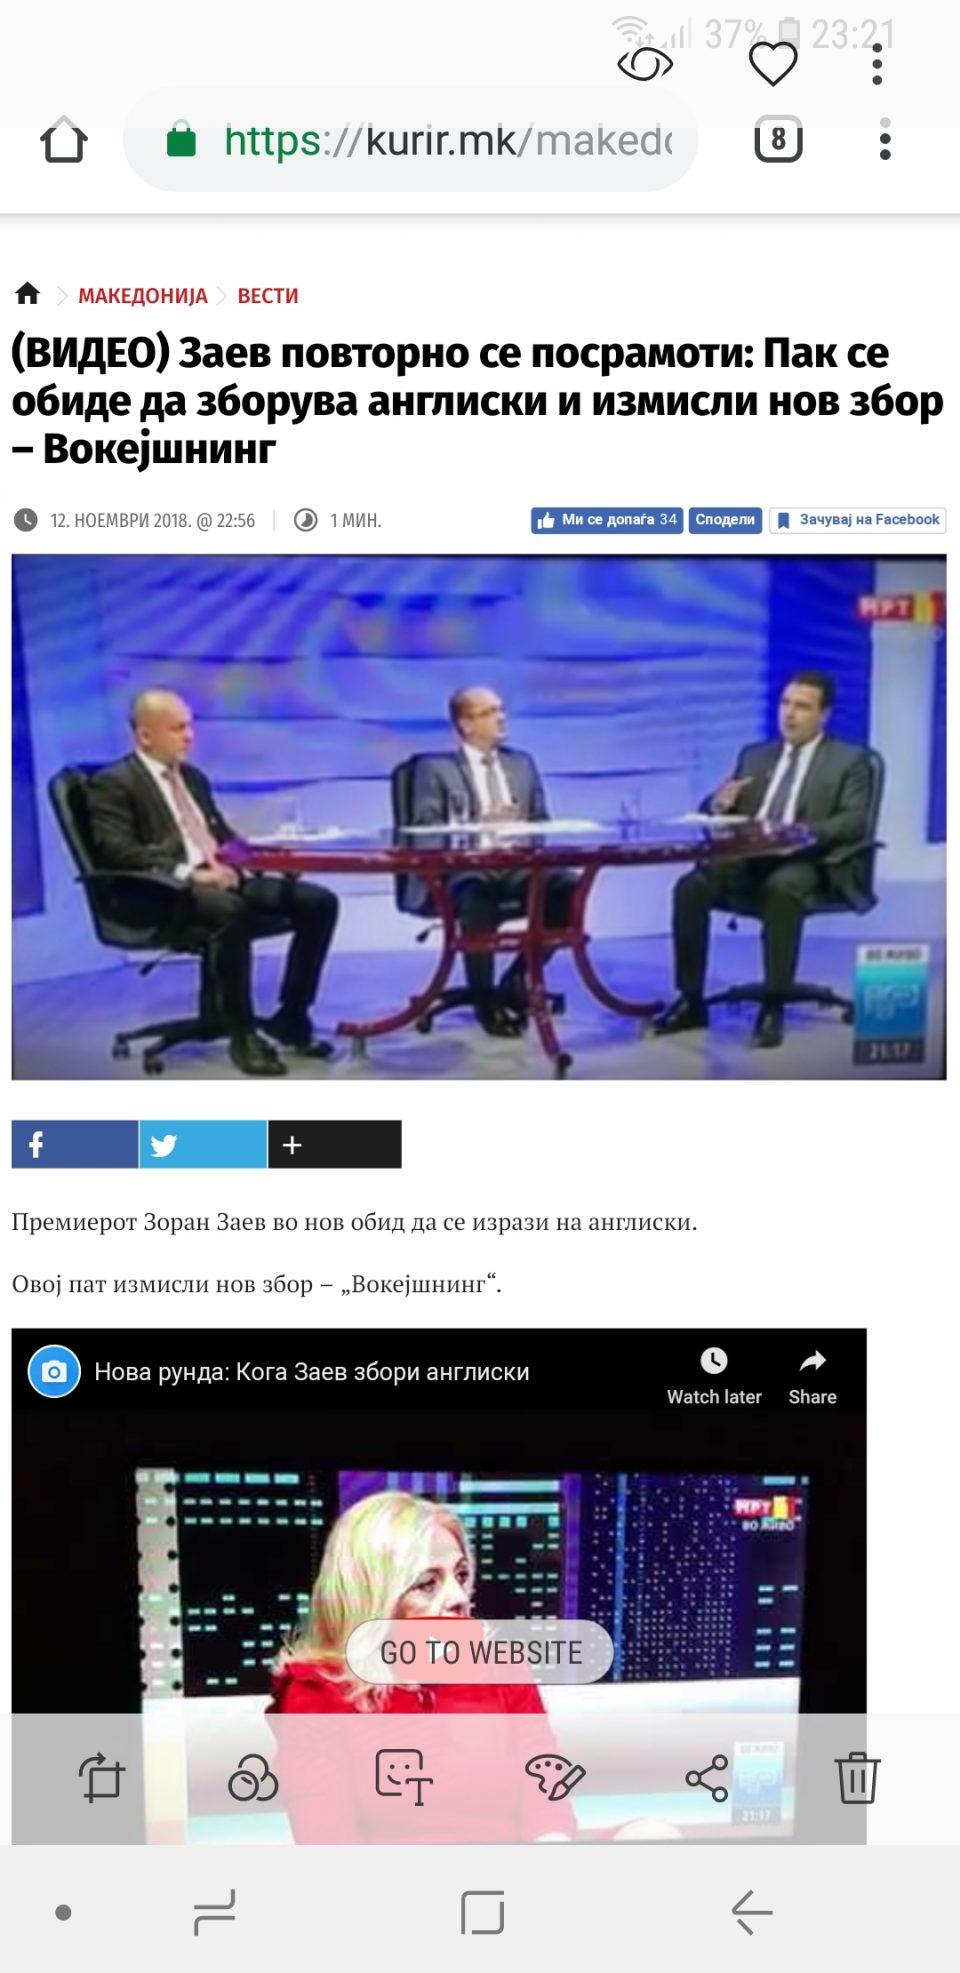 (ВИДЕО) Заев повторно се посрамоти: Пак се обиде да зборува англиски и измисли нов збор – Вокејшнинг